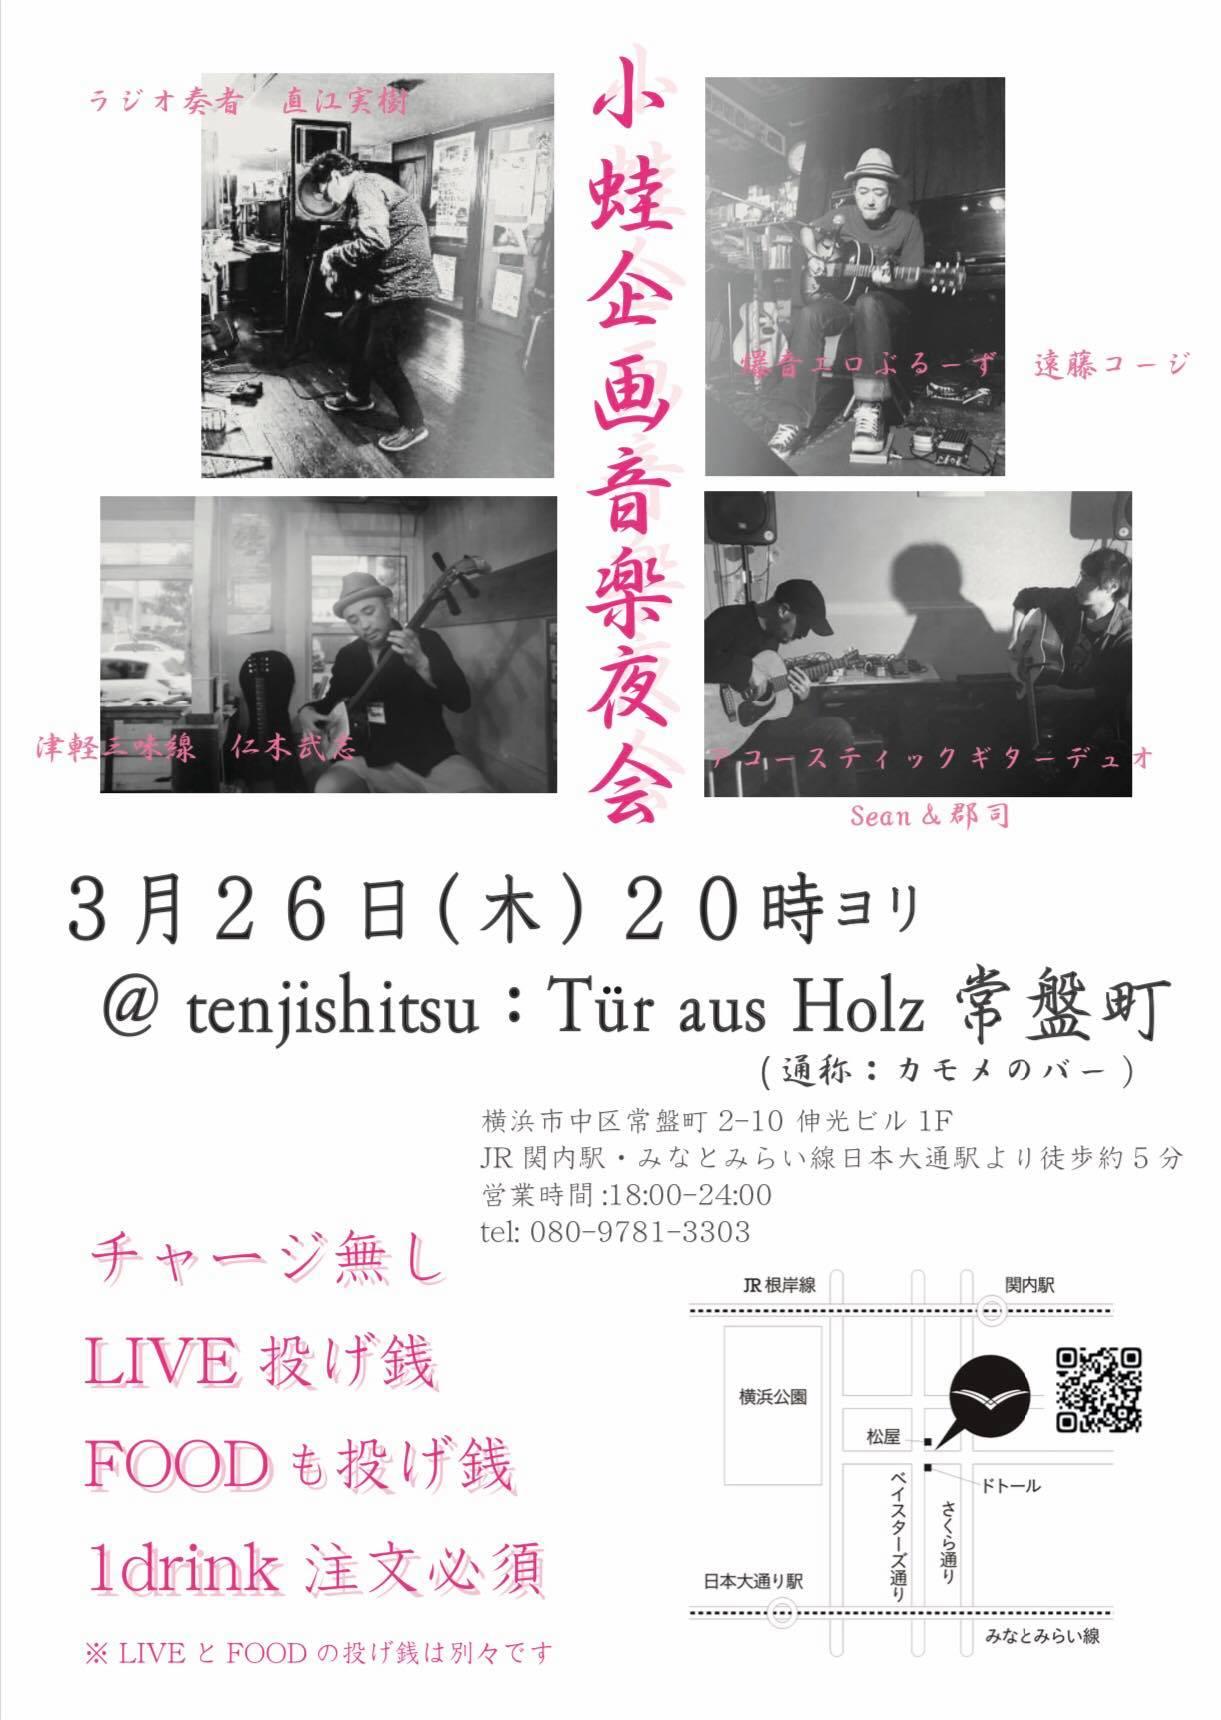 「小蛙企画音楽夜会」開催のお知らせ